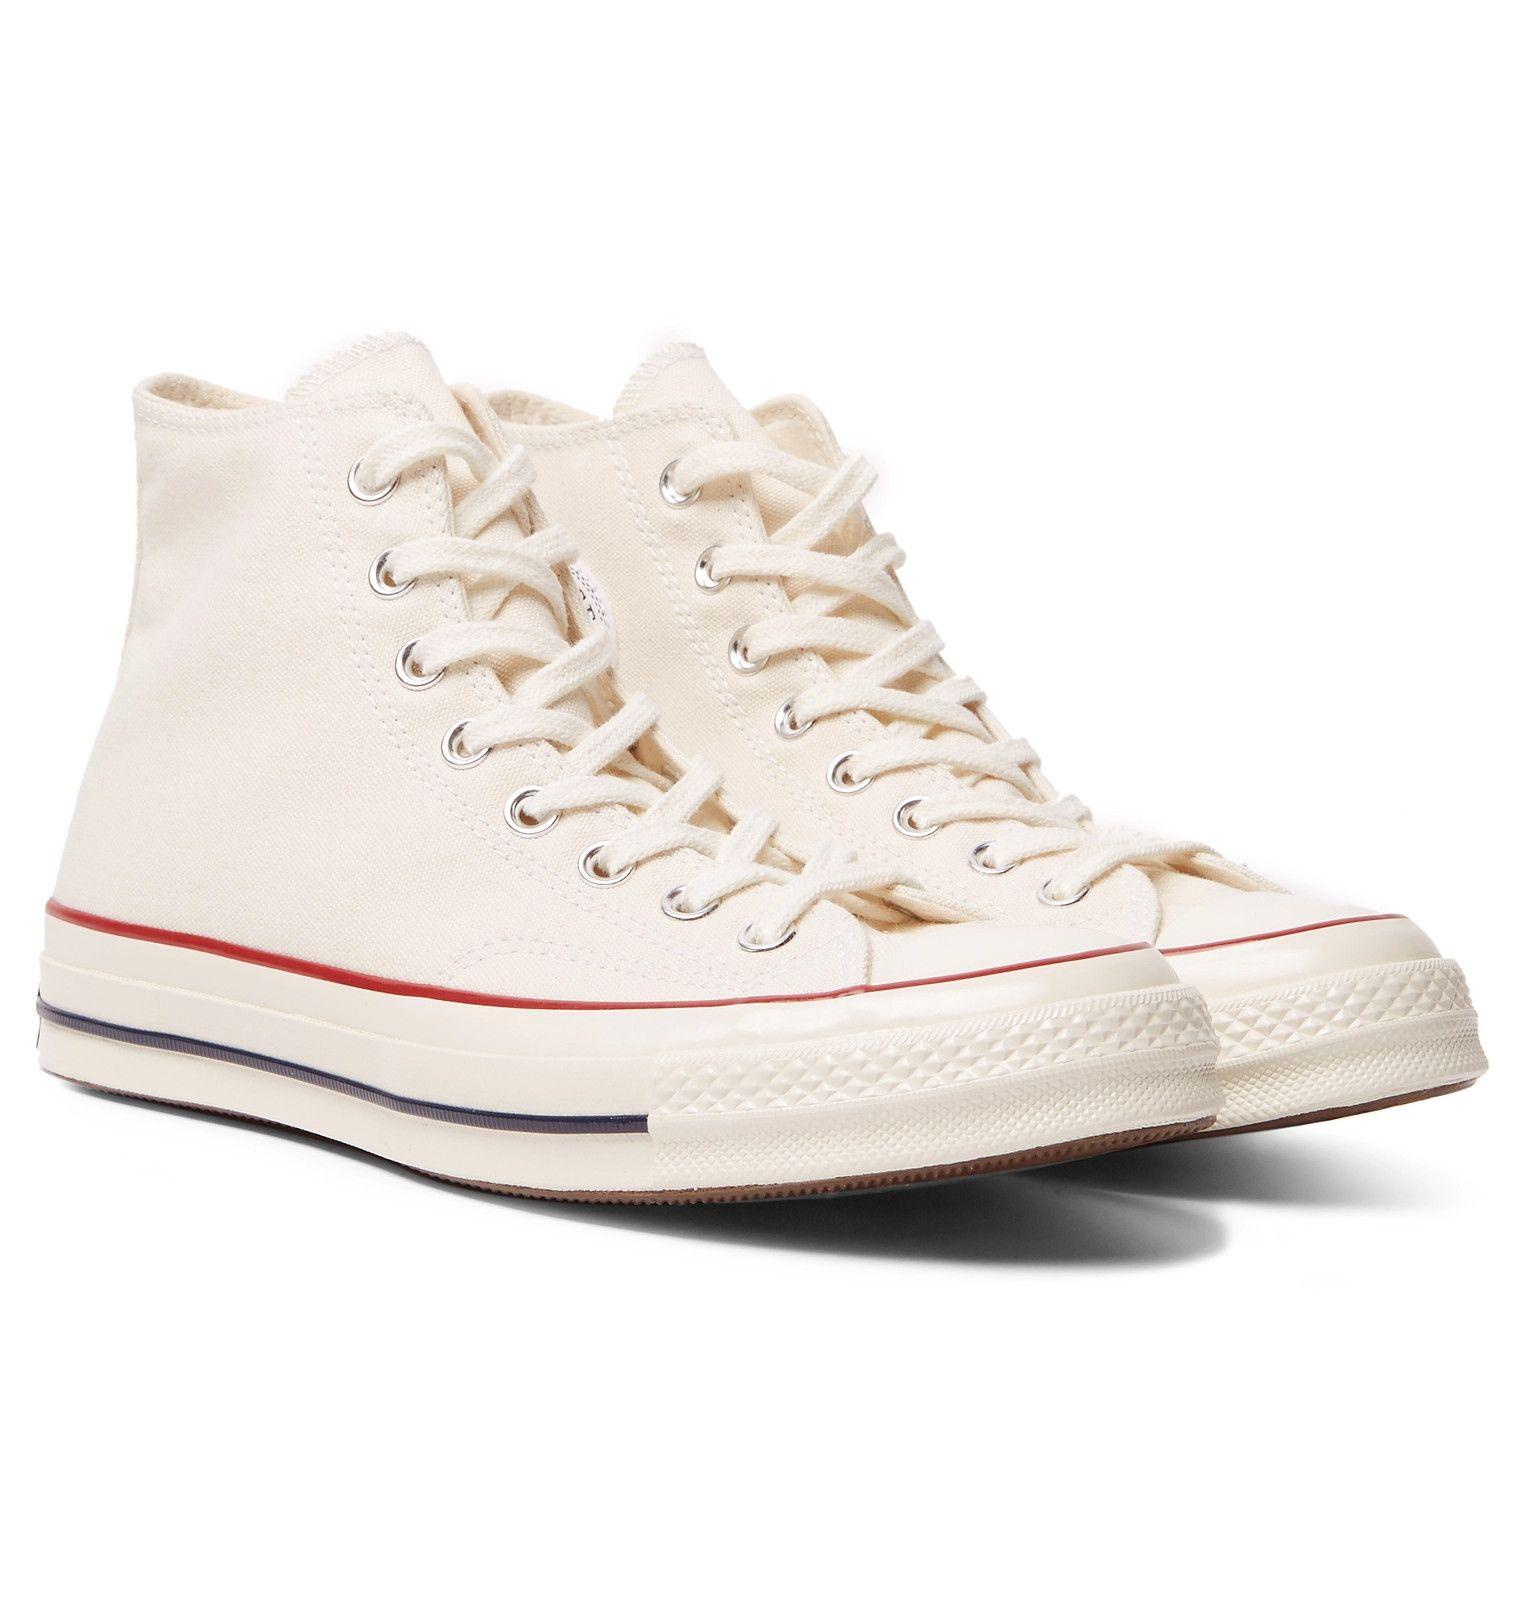 Cream Chuck 70 Canvas High-Top Sneakers